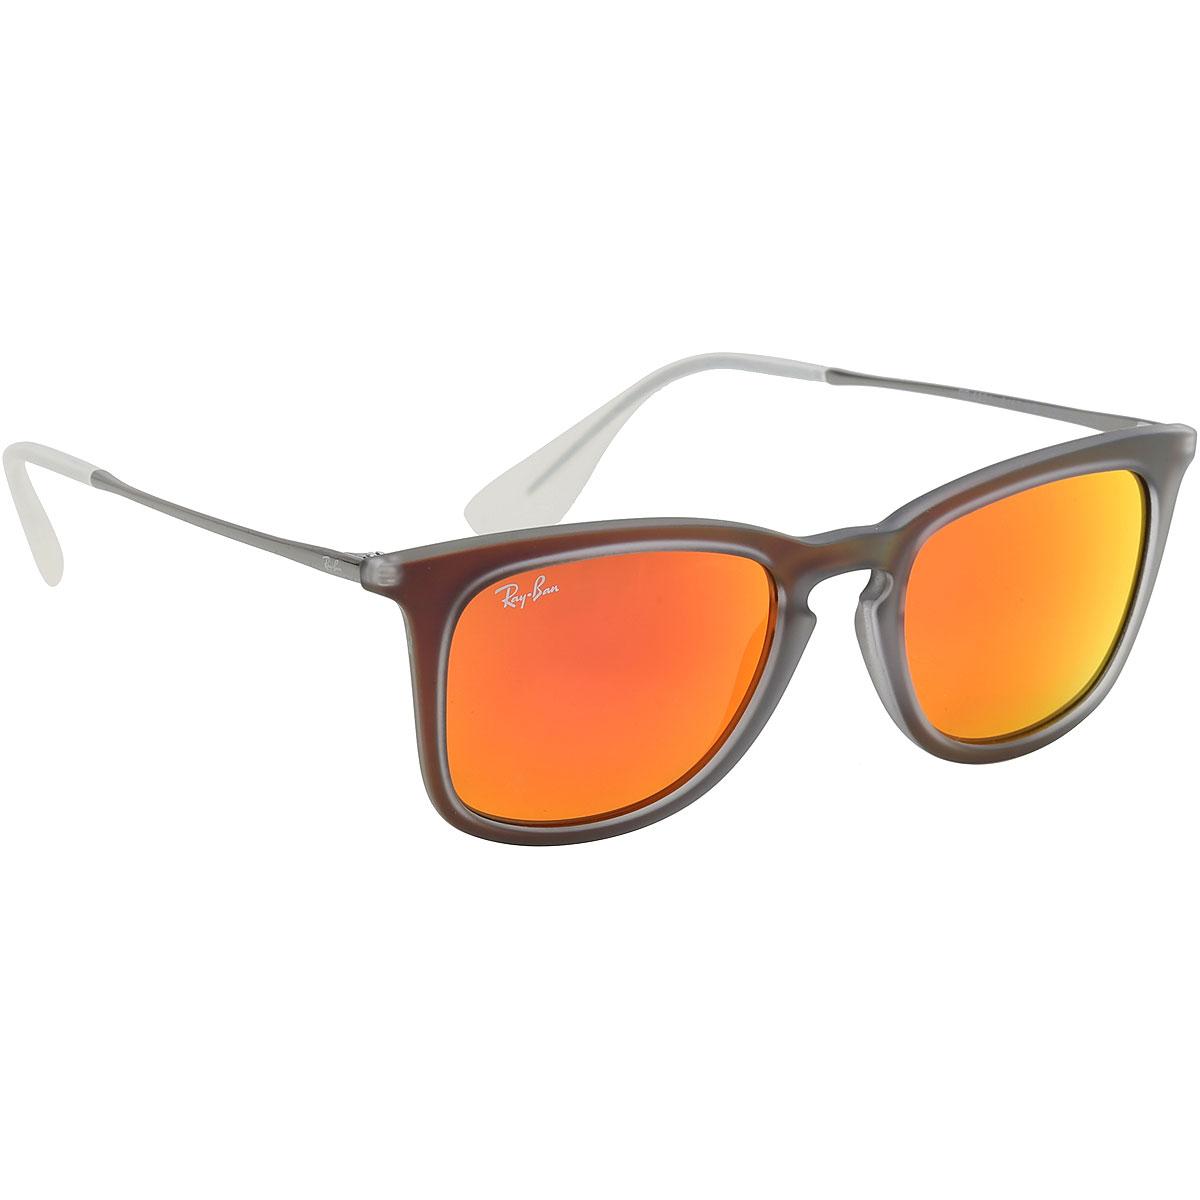 Ray Ban Sunglasses On Sale, 2017 USA-362919